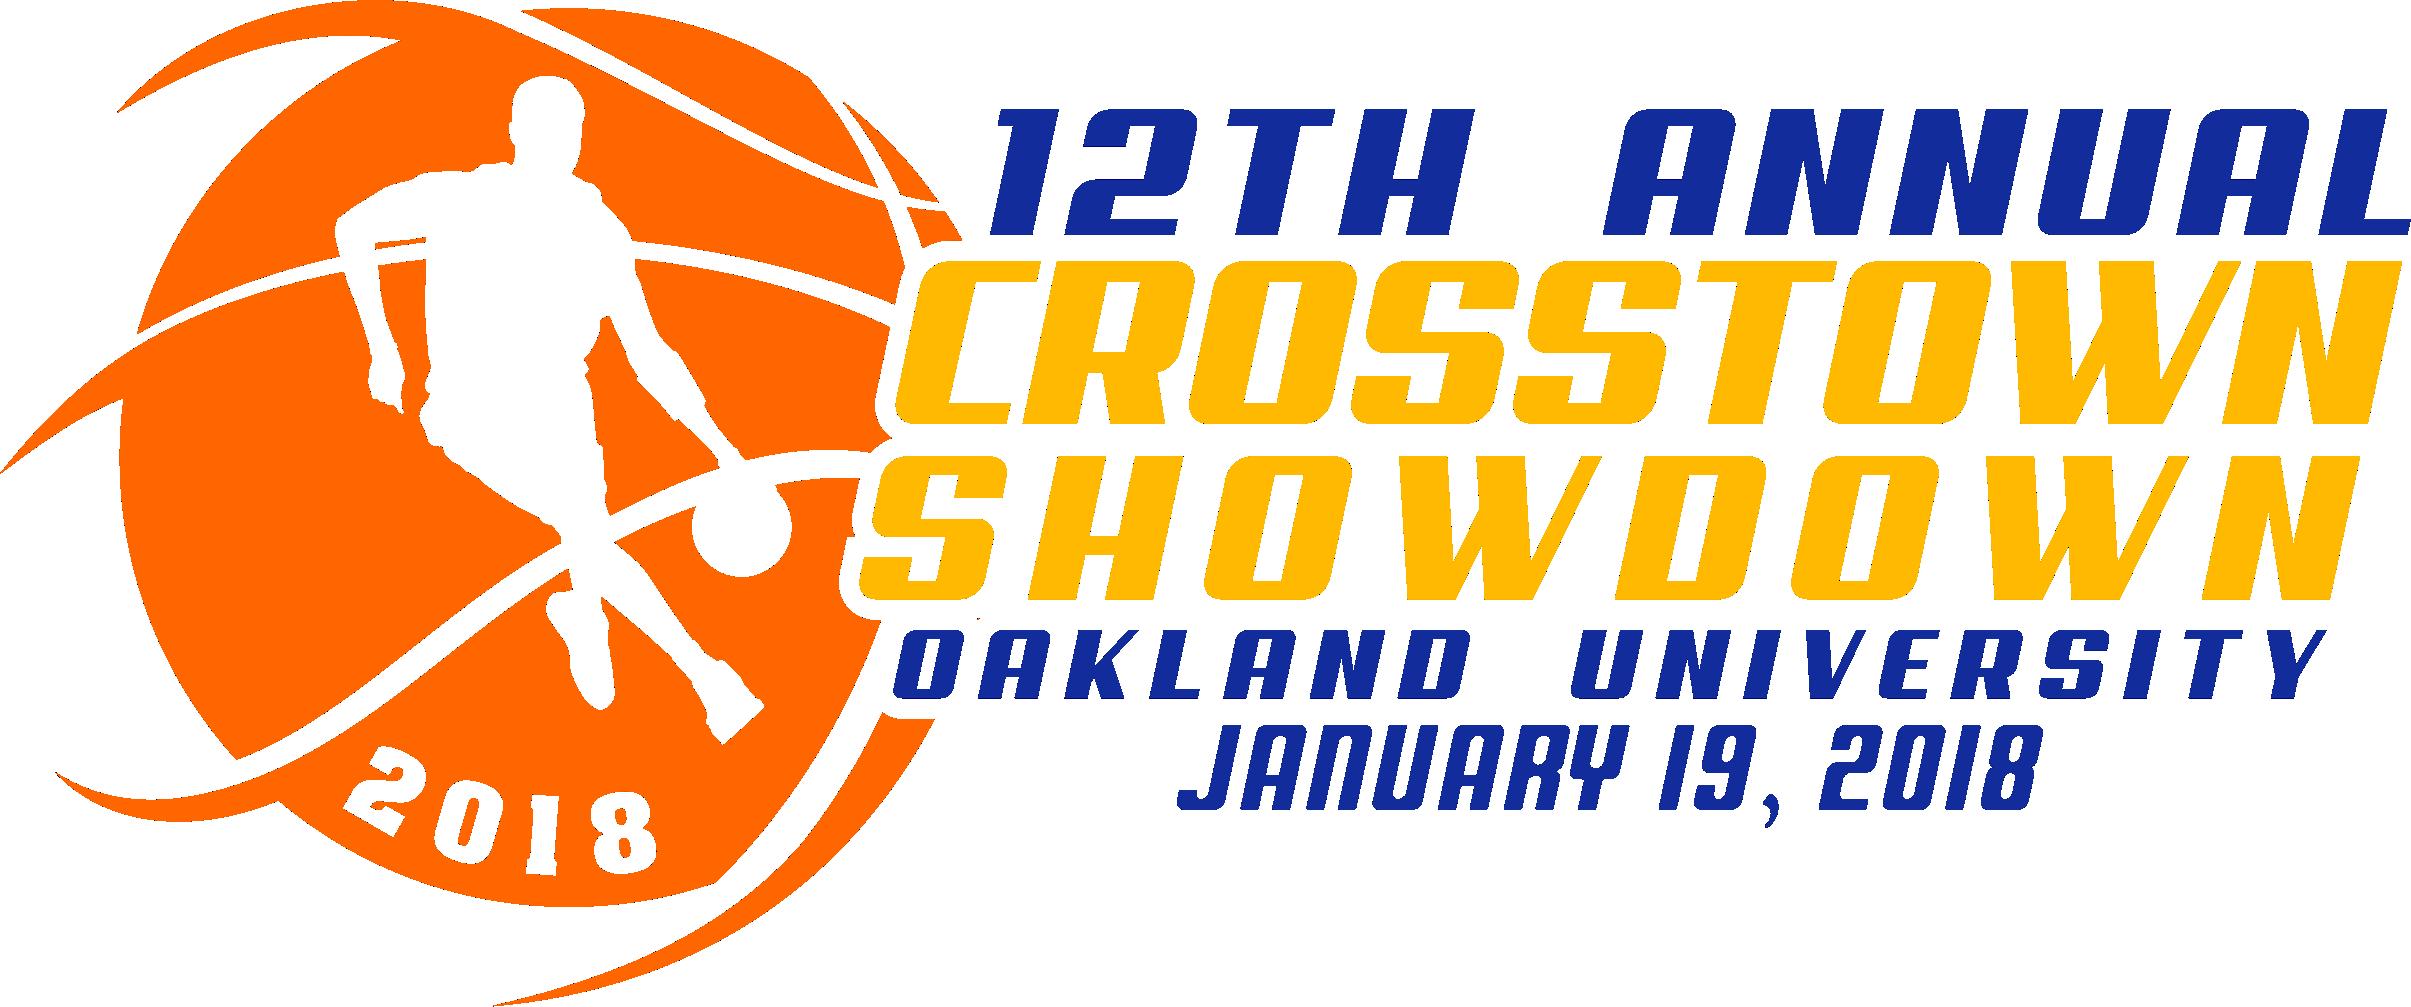 12th Annual Crosstown Showdown